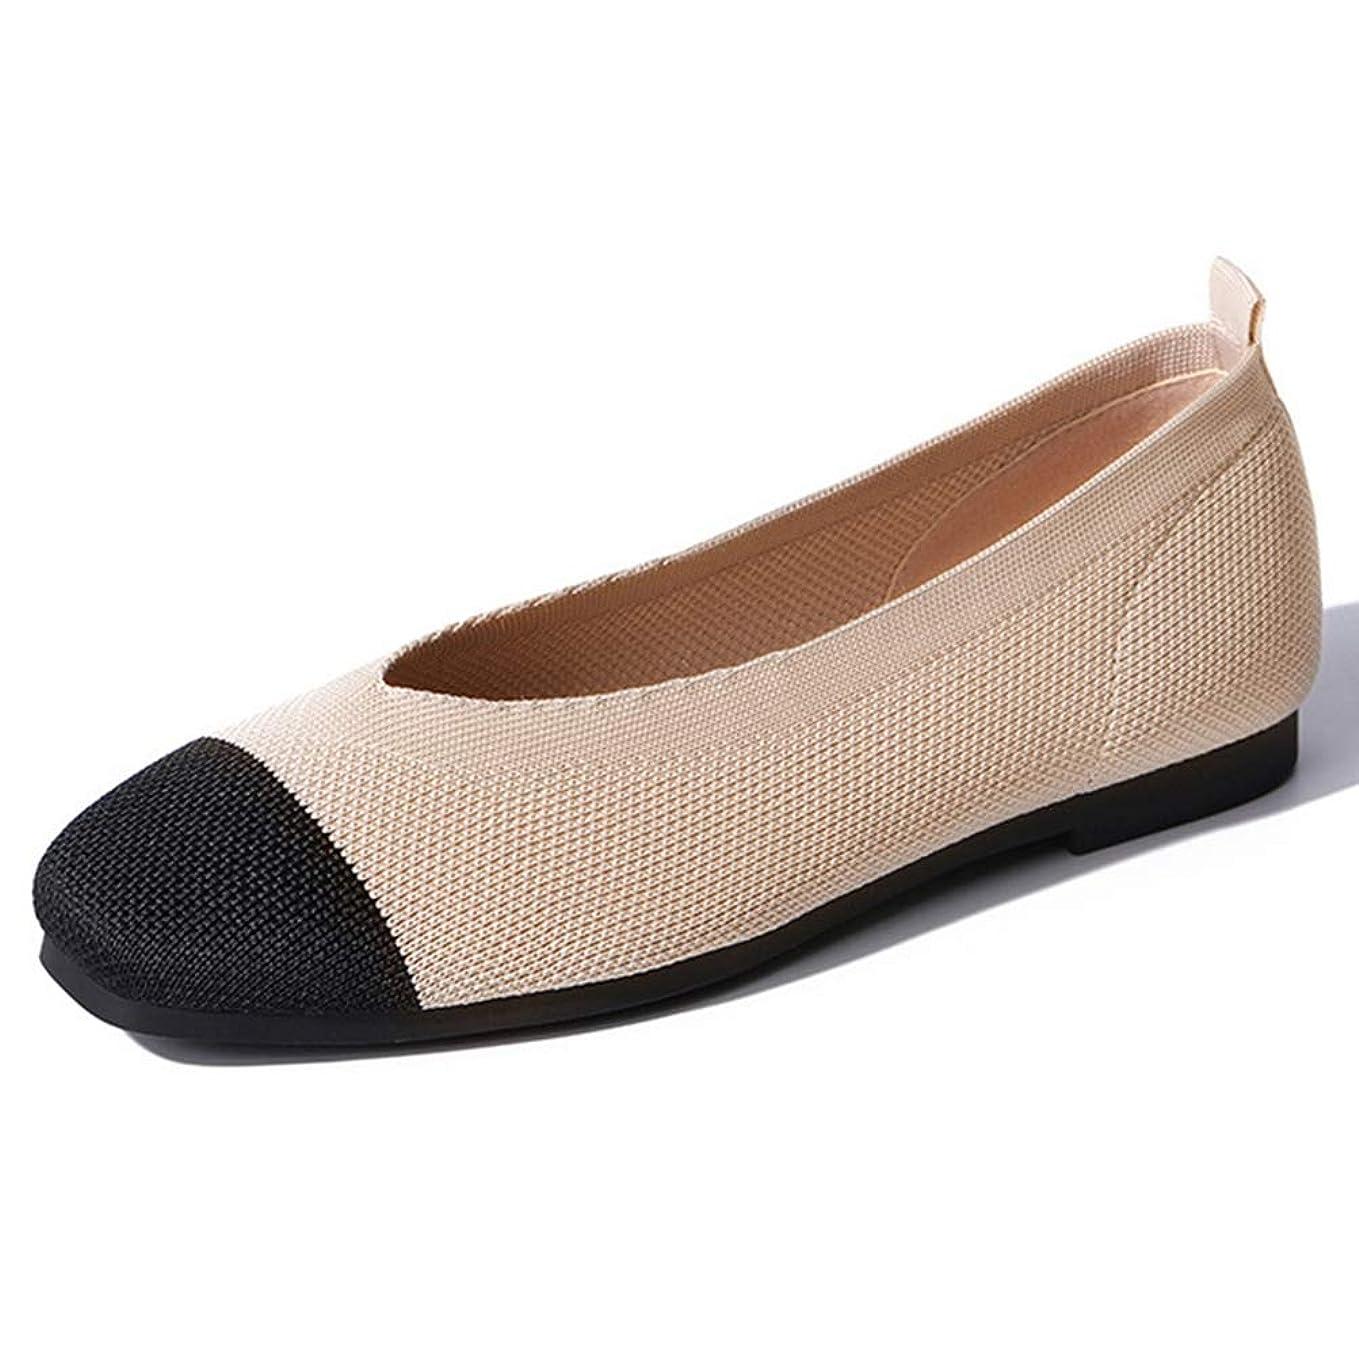 動パーティー広げるぺたんこ靴 婦人靴 パンプス バレエシューズ 歩きやすい 痛くない 防滑 通気 コンフォート 柔らかい ローヒール ローカット フラット 春 夏 ブラック ホワイト